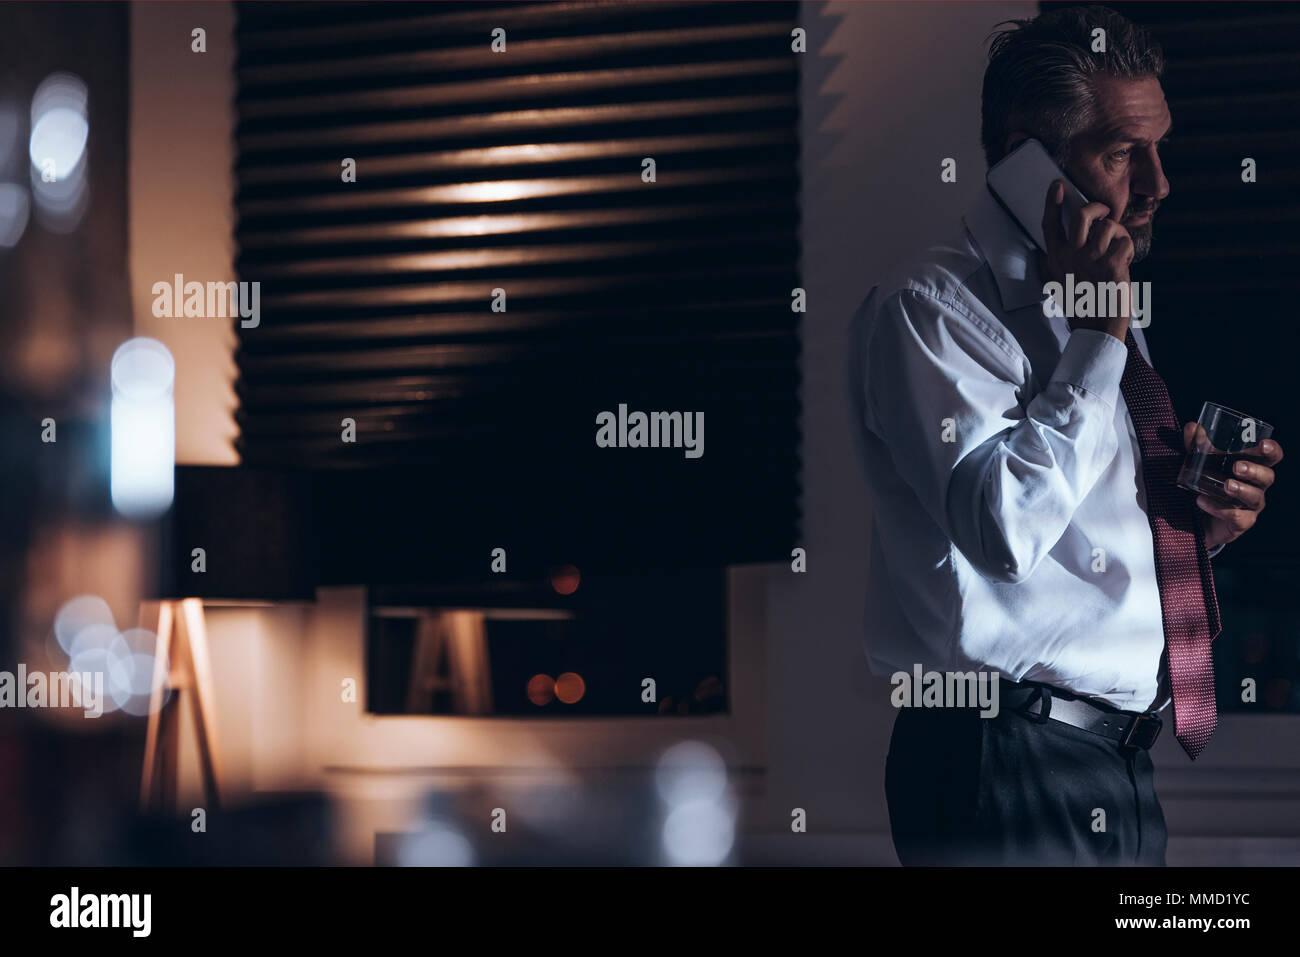 Cansado y triste empresario de mediana edad hablando por el teléfono y sostener un vaso con alcohol mientras está de pie en una habitación con luz atenuada y la ventana blin Imagen De Stock